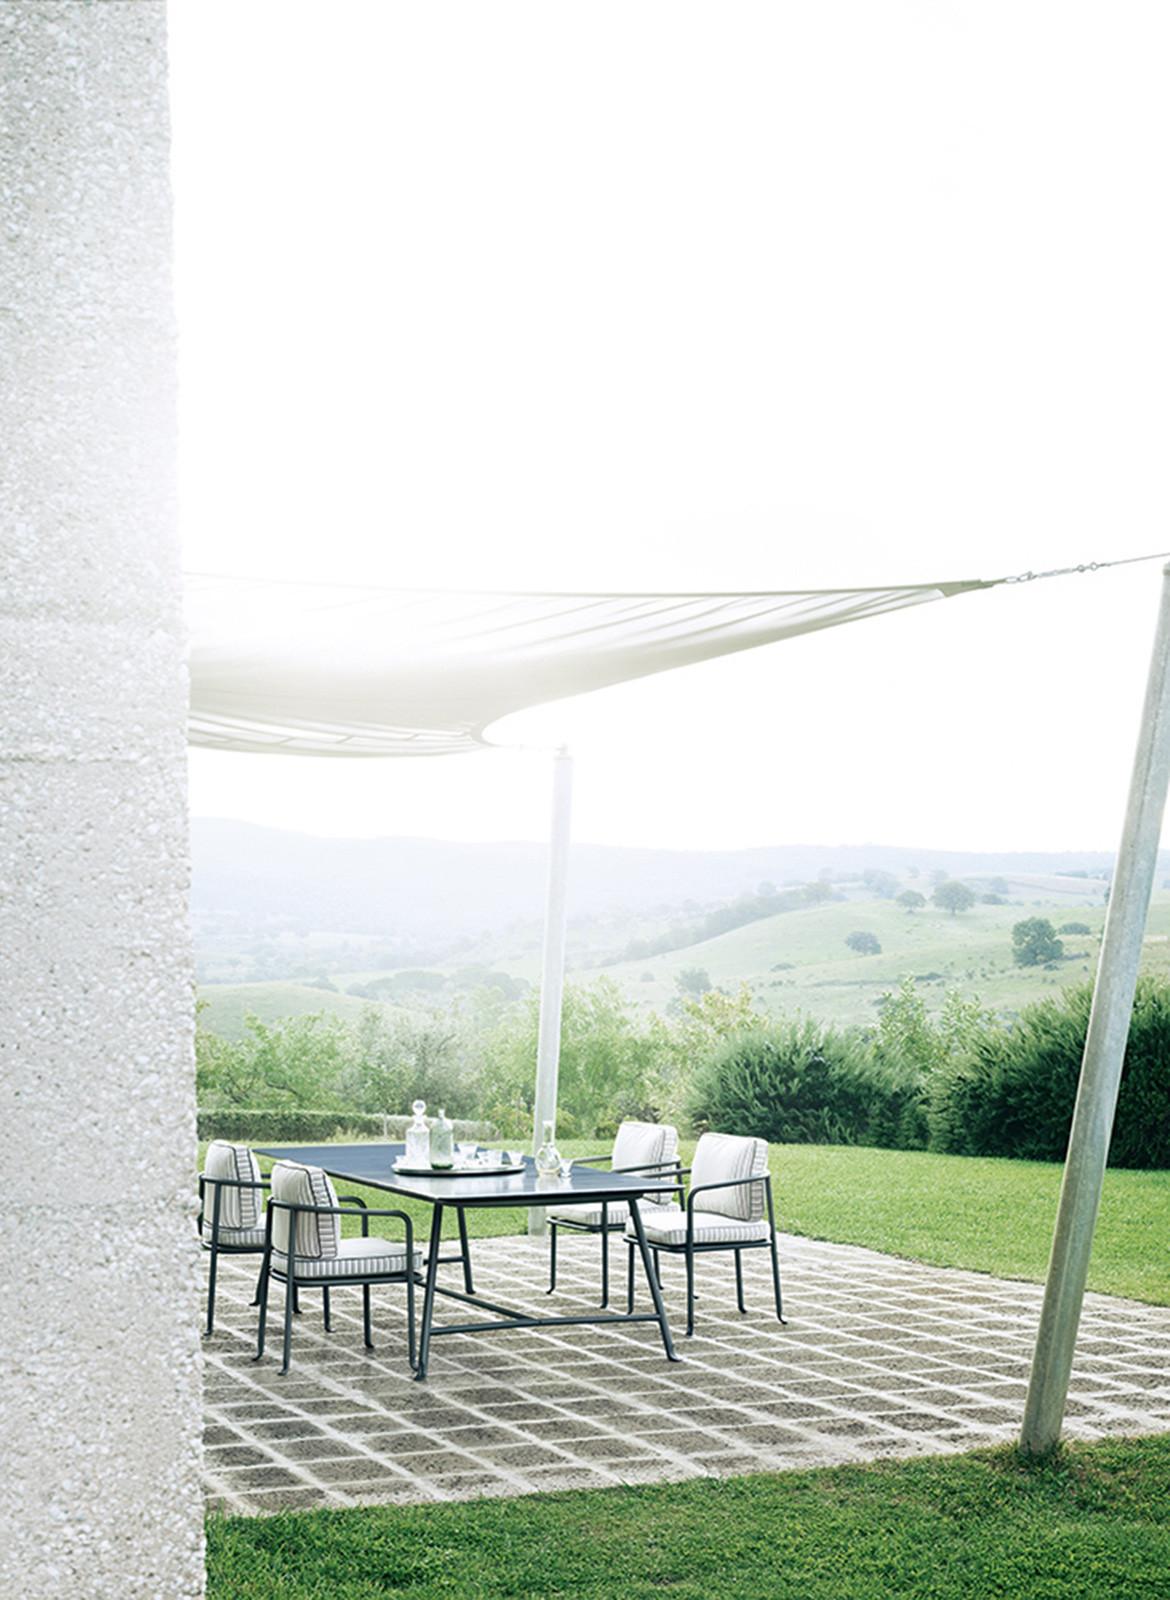 b&b italia borea outdoor setting